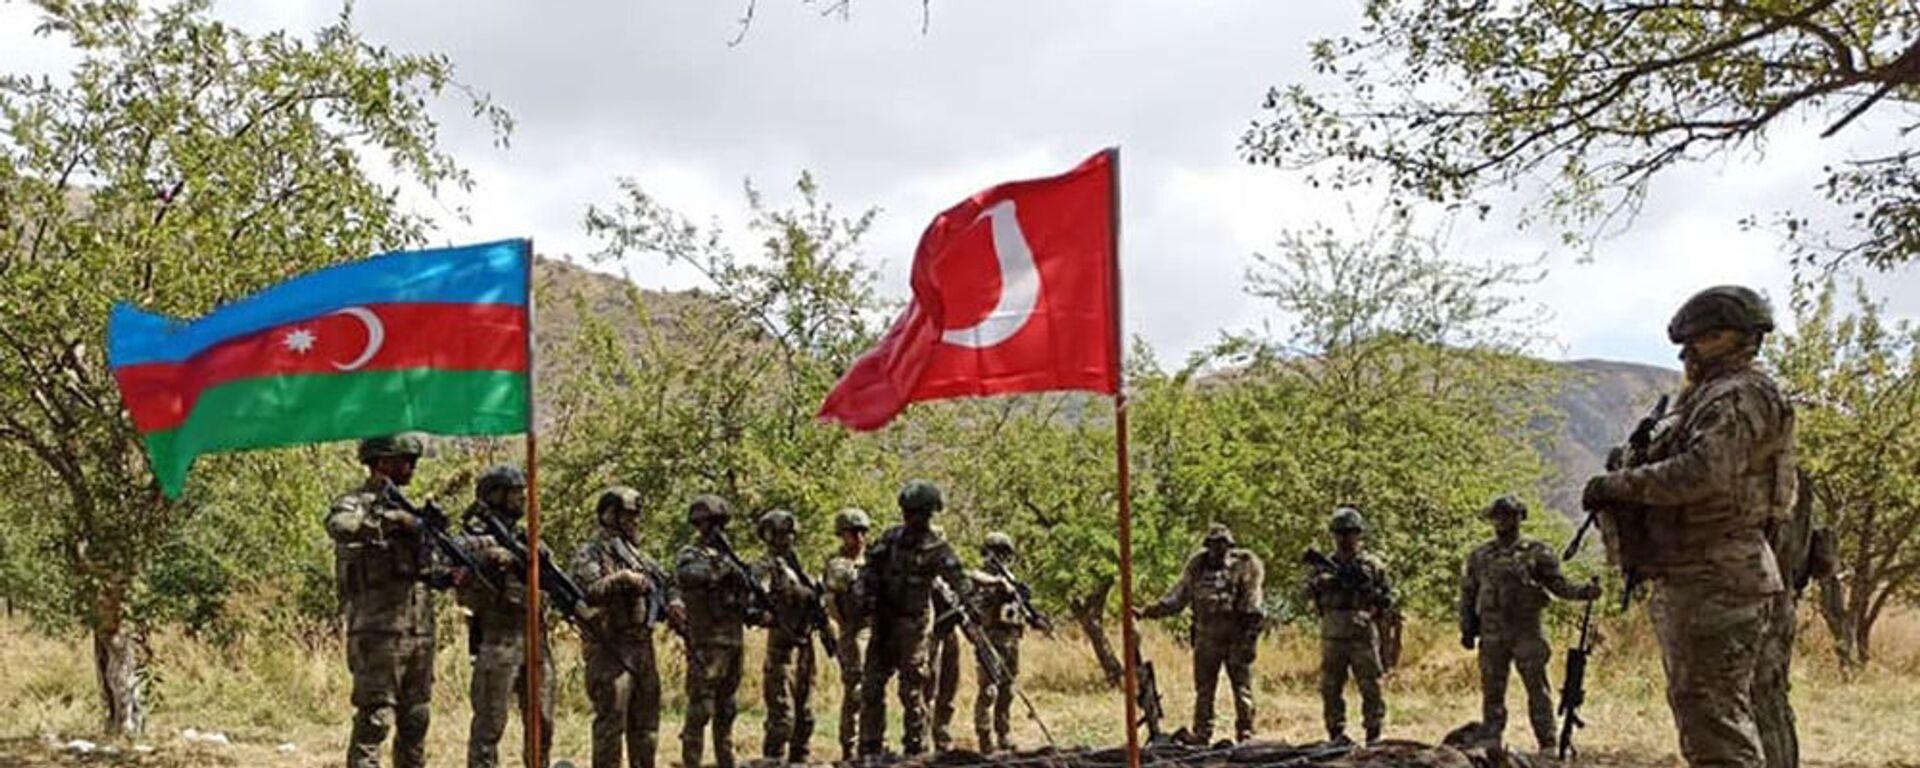 Первые военные учения Турции и Азербайджана в Карабахе - Sputnik Армения, 1920, 11.09.2021